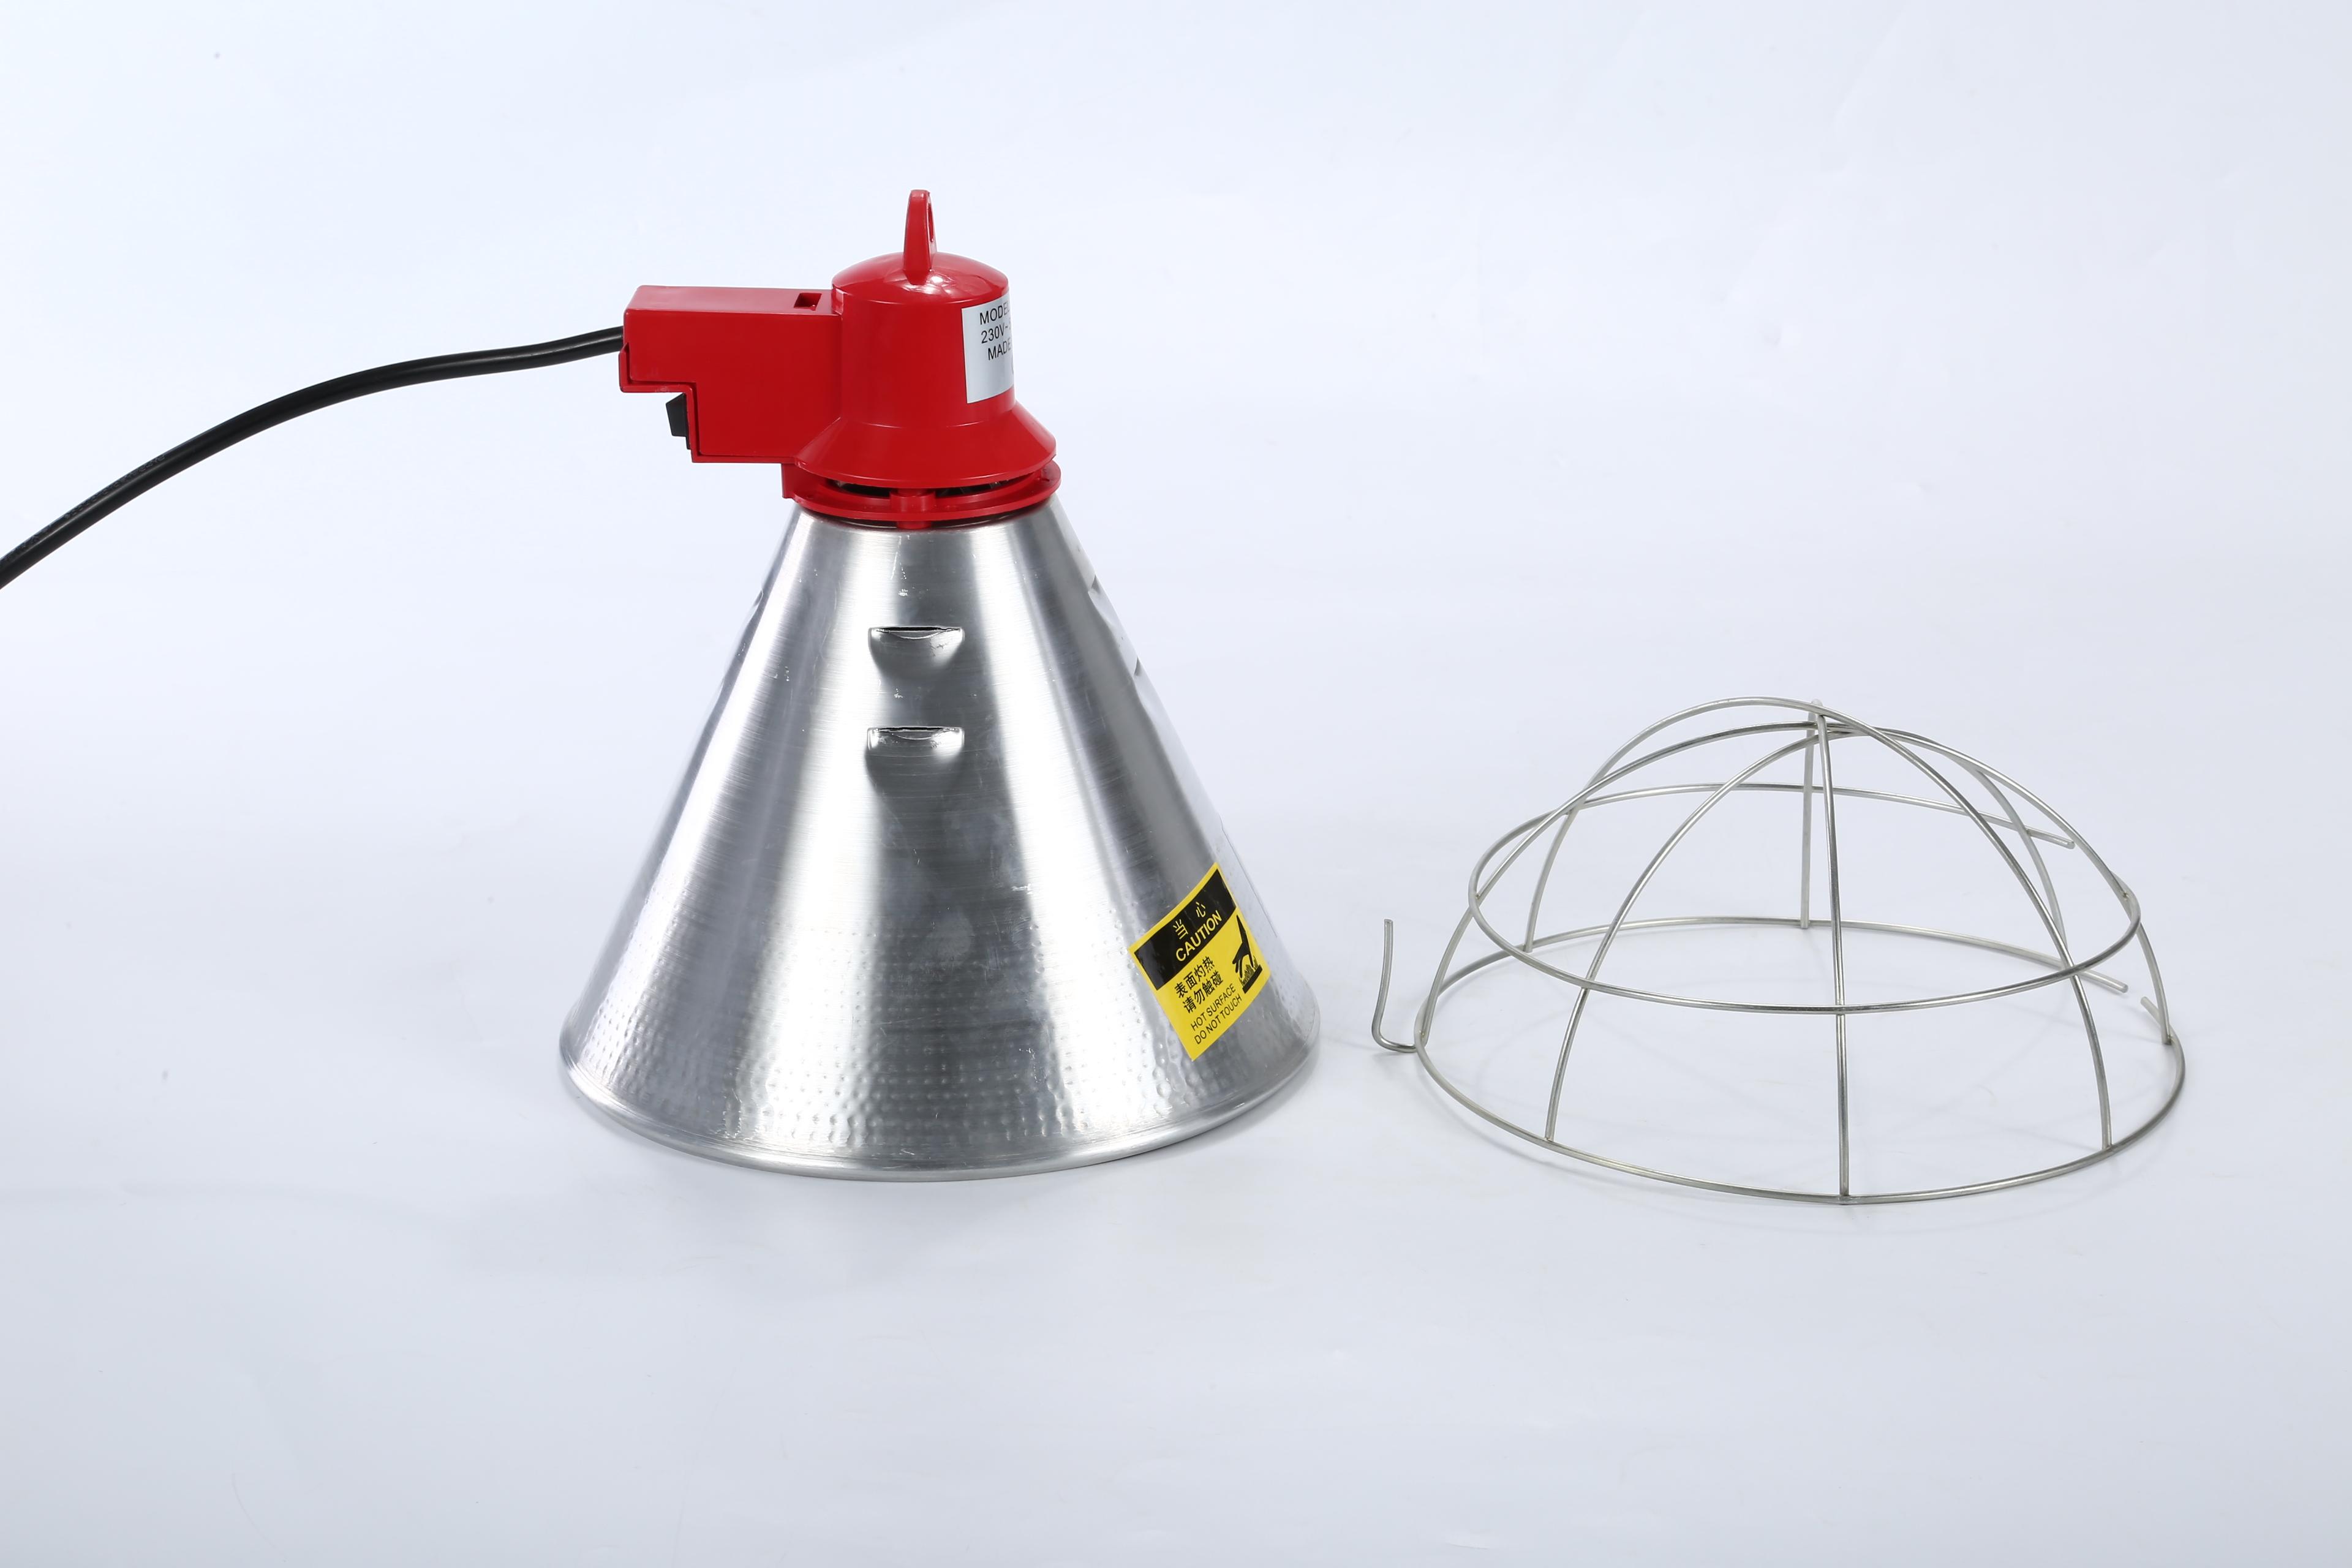 厂家直销 养殖保温灯罩SD-81001 养殖加温灯 红外线养殖保温灯罩 猪用养殖保温灯罩,加温灯罩